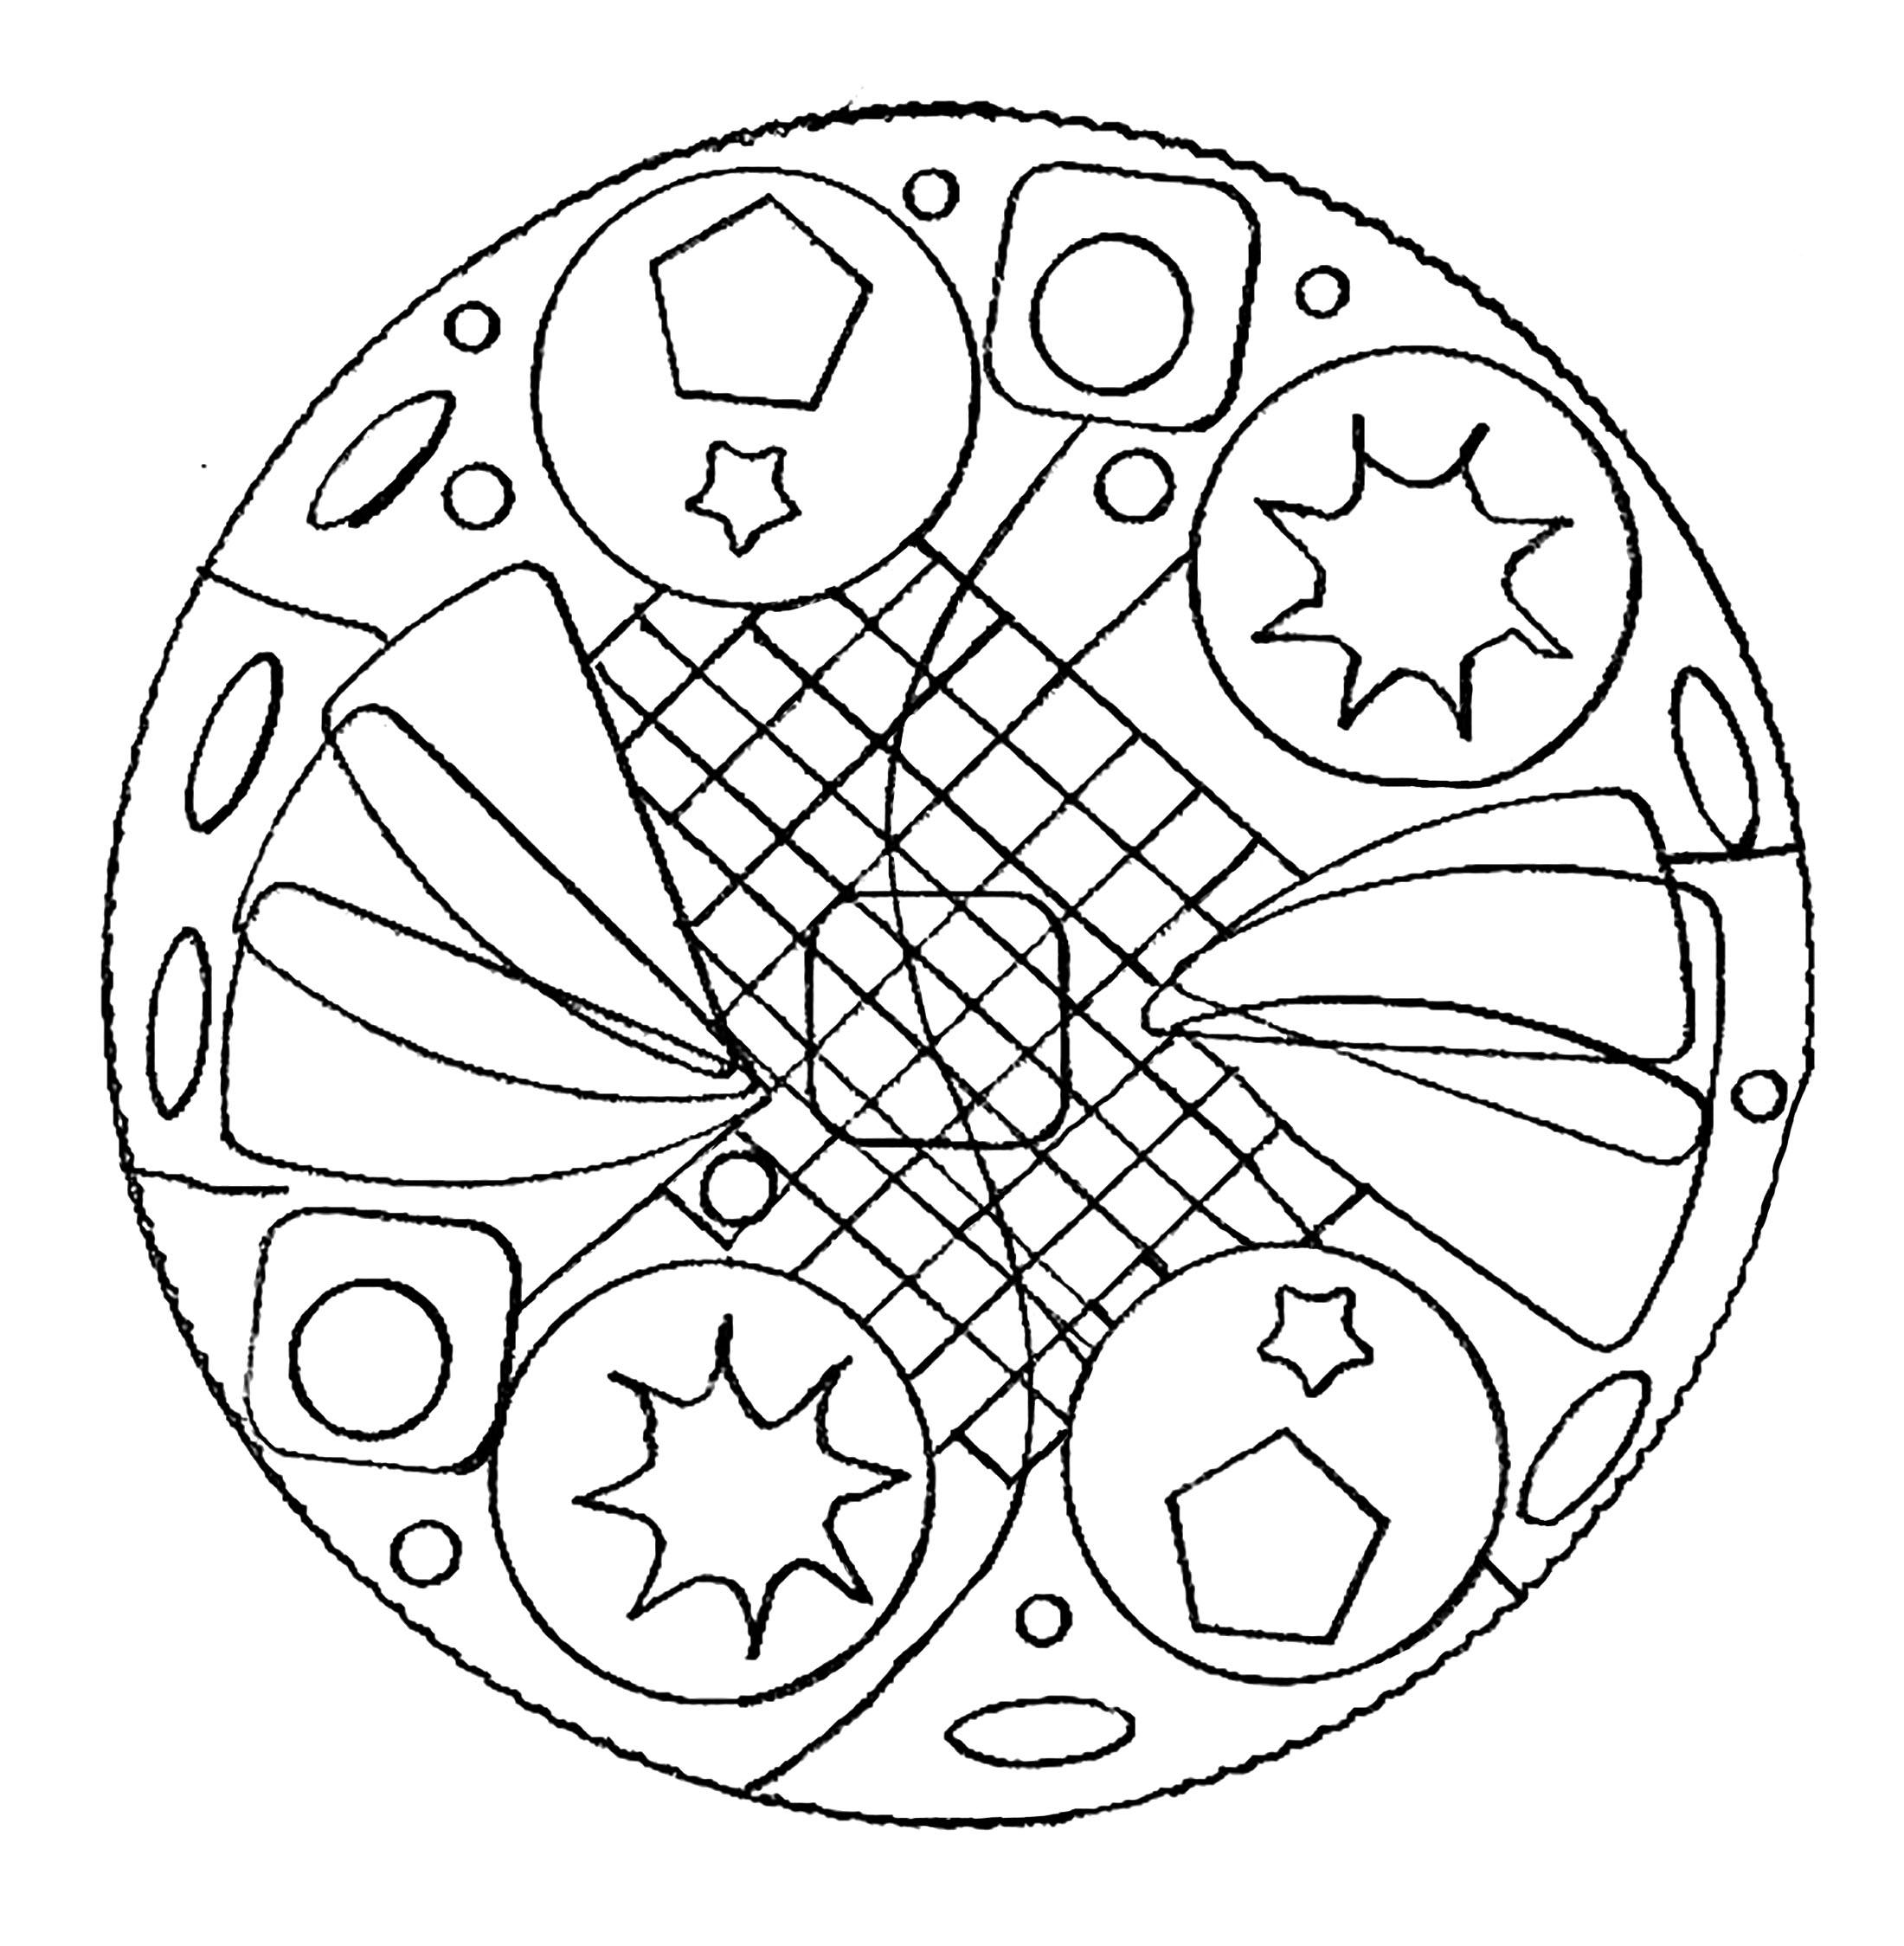 Disegni da colorare per adulti : Mandalas - 167